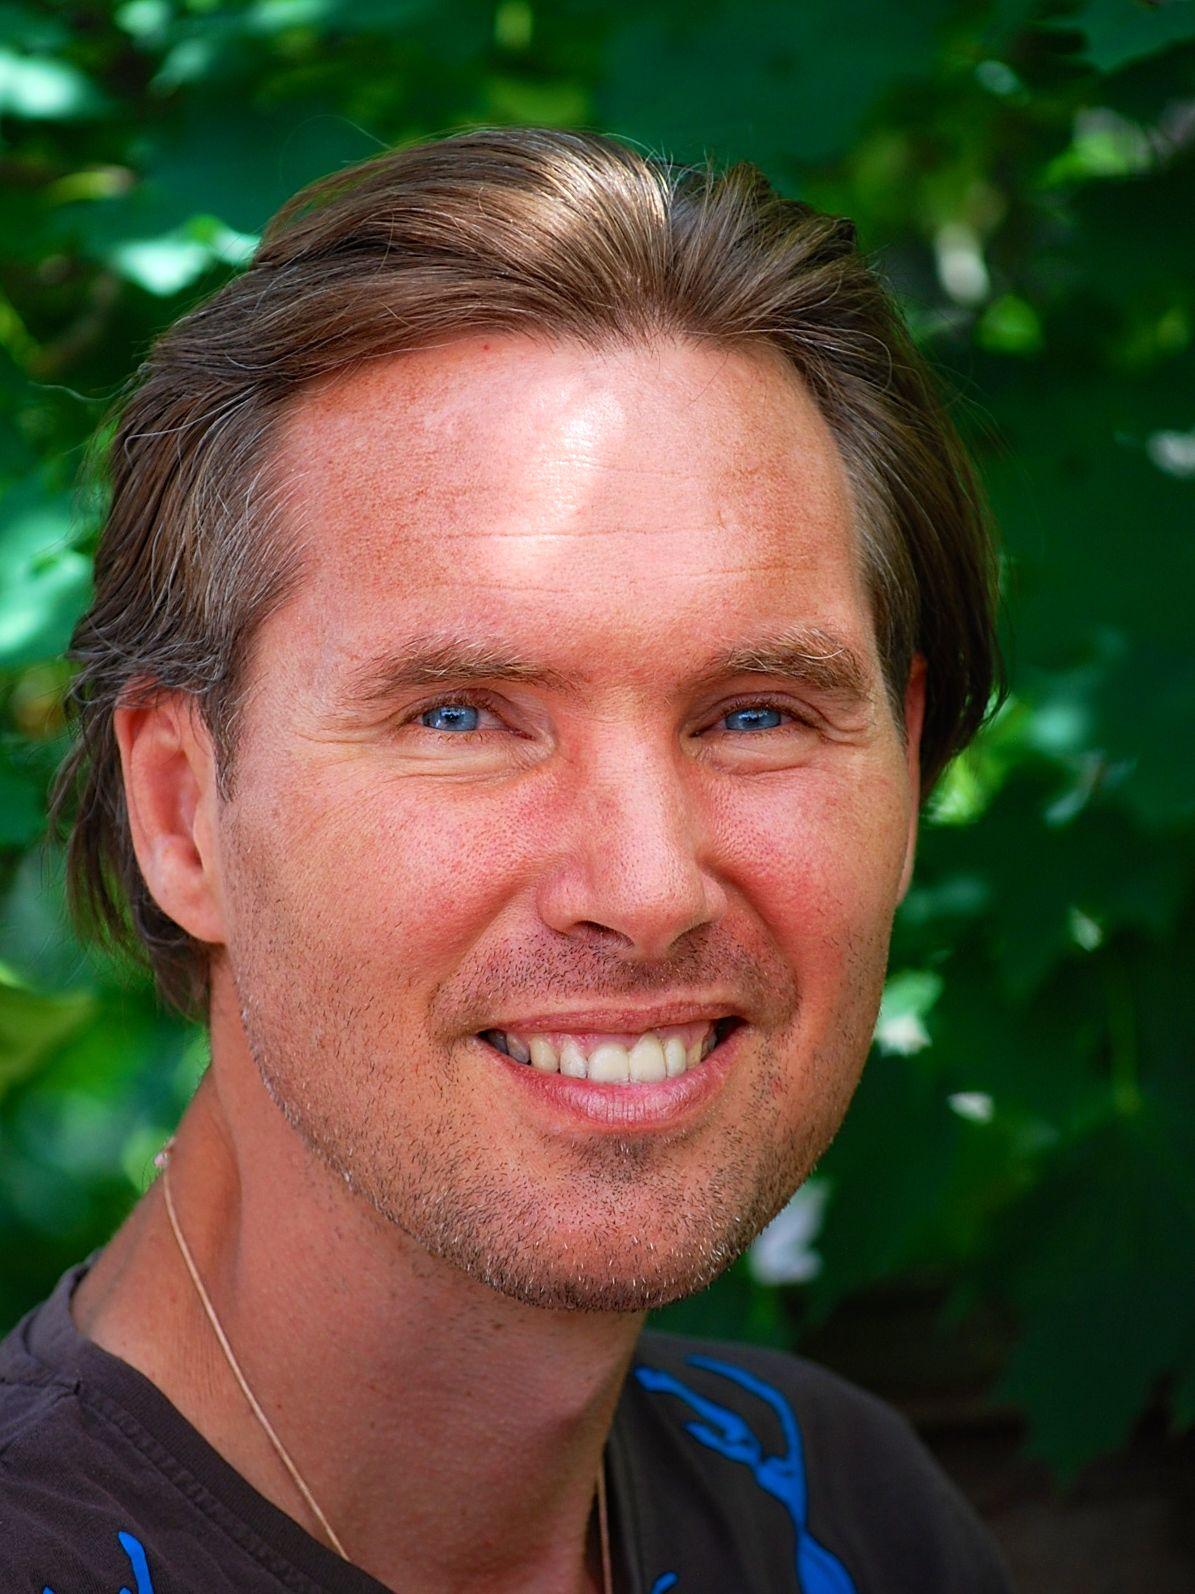 Patrick Wehner